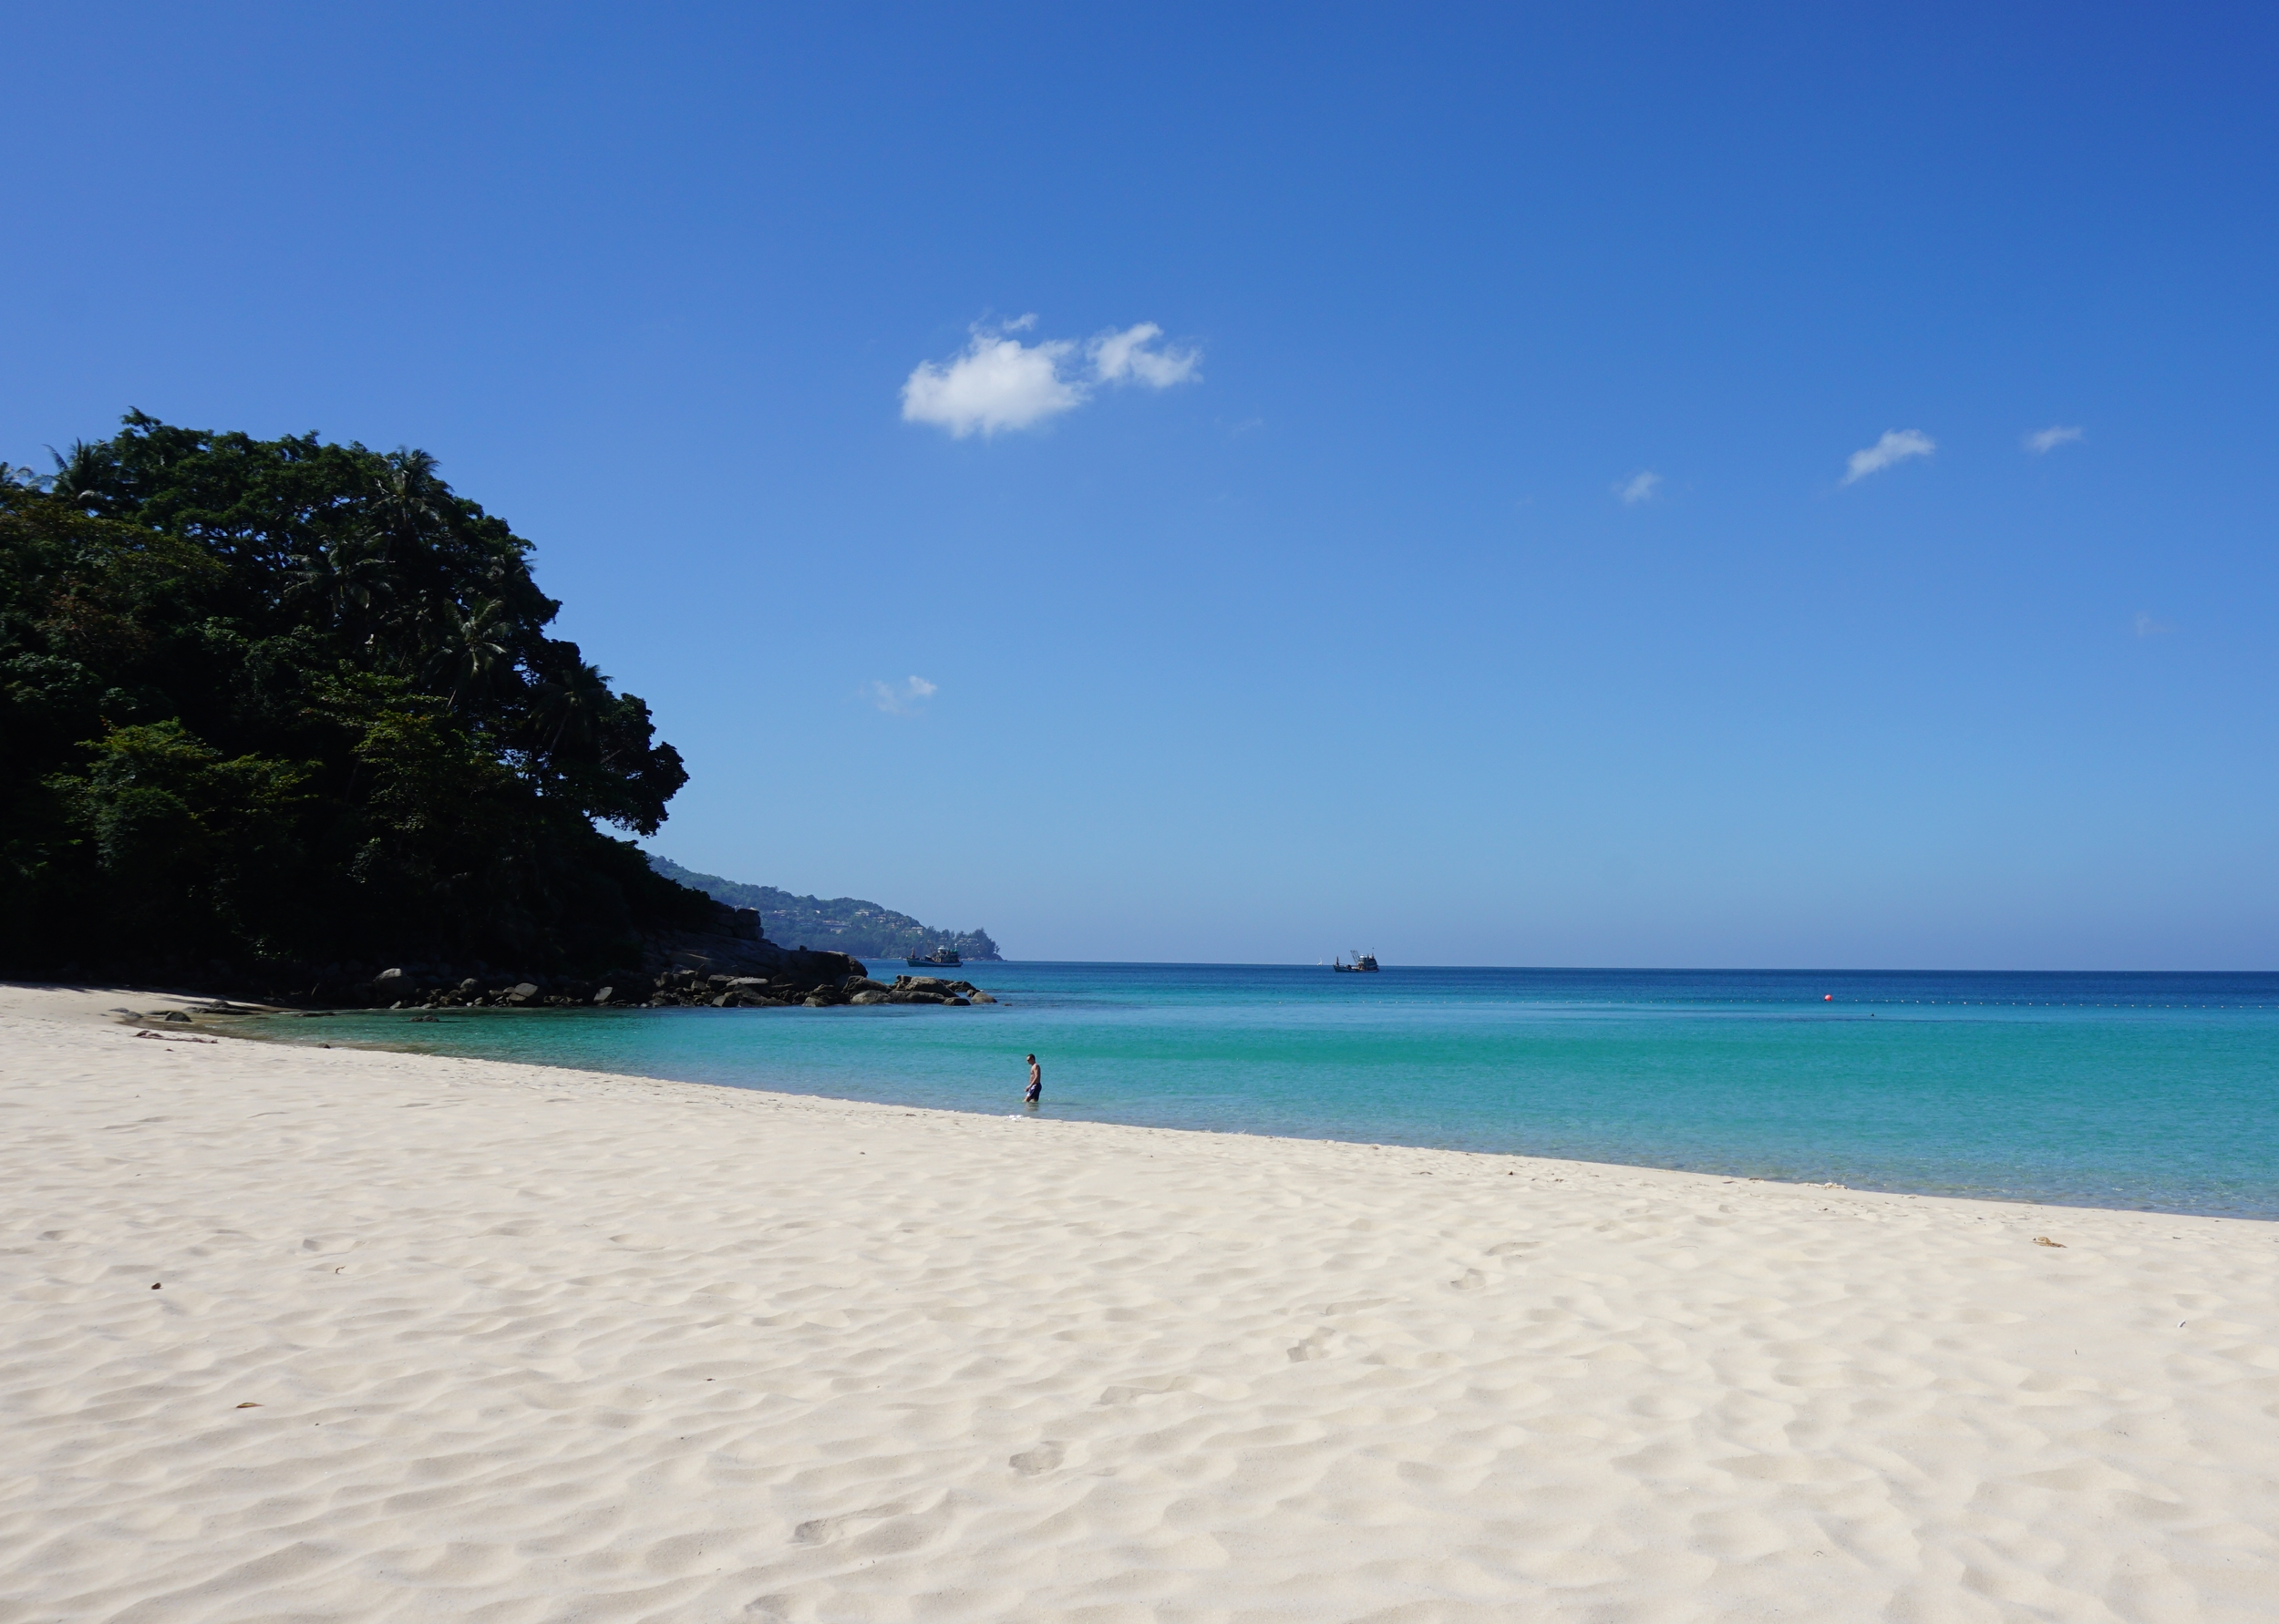 upload-large-pansea-beach05